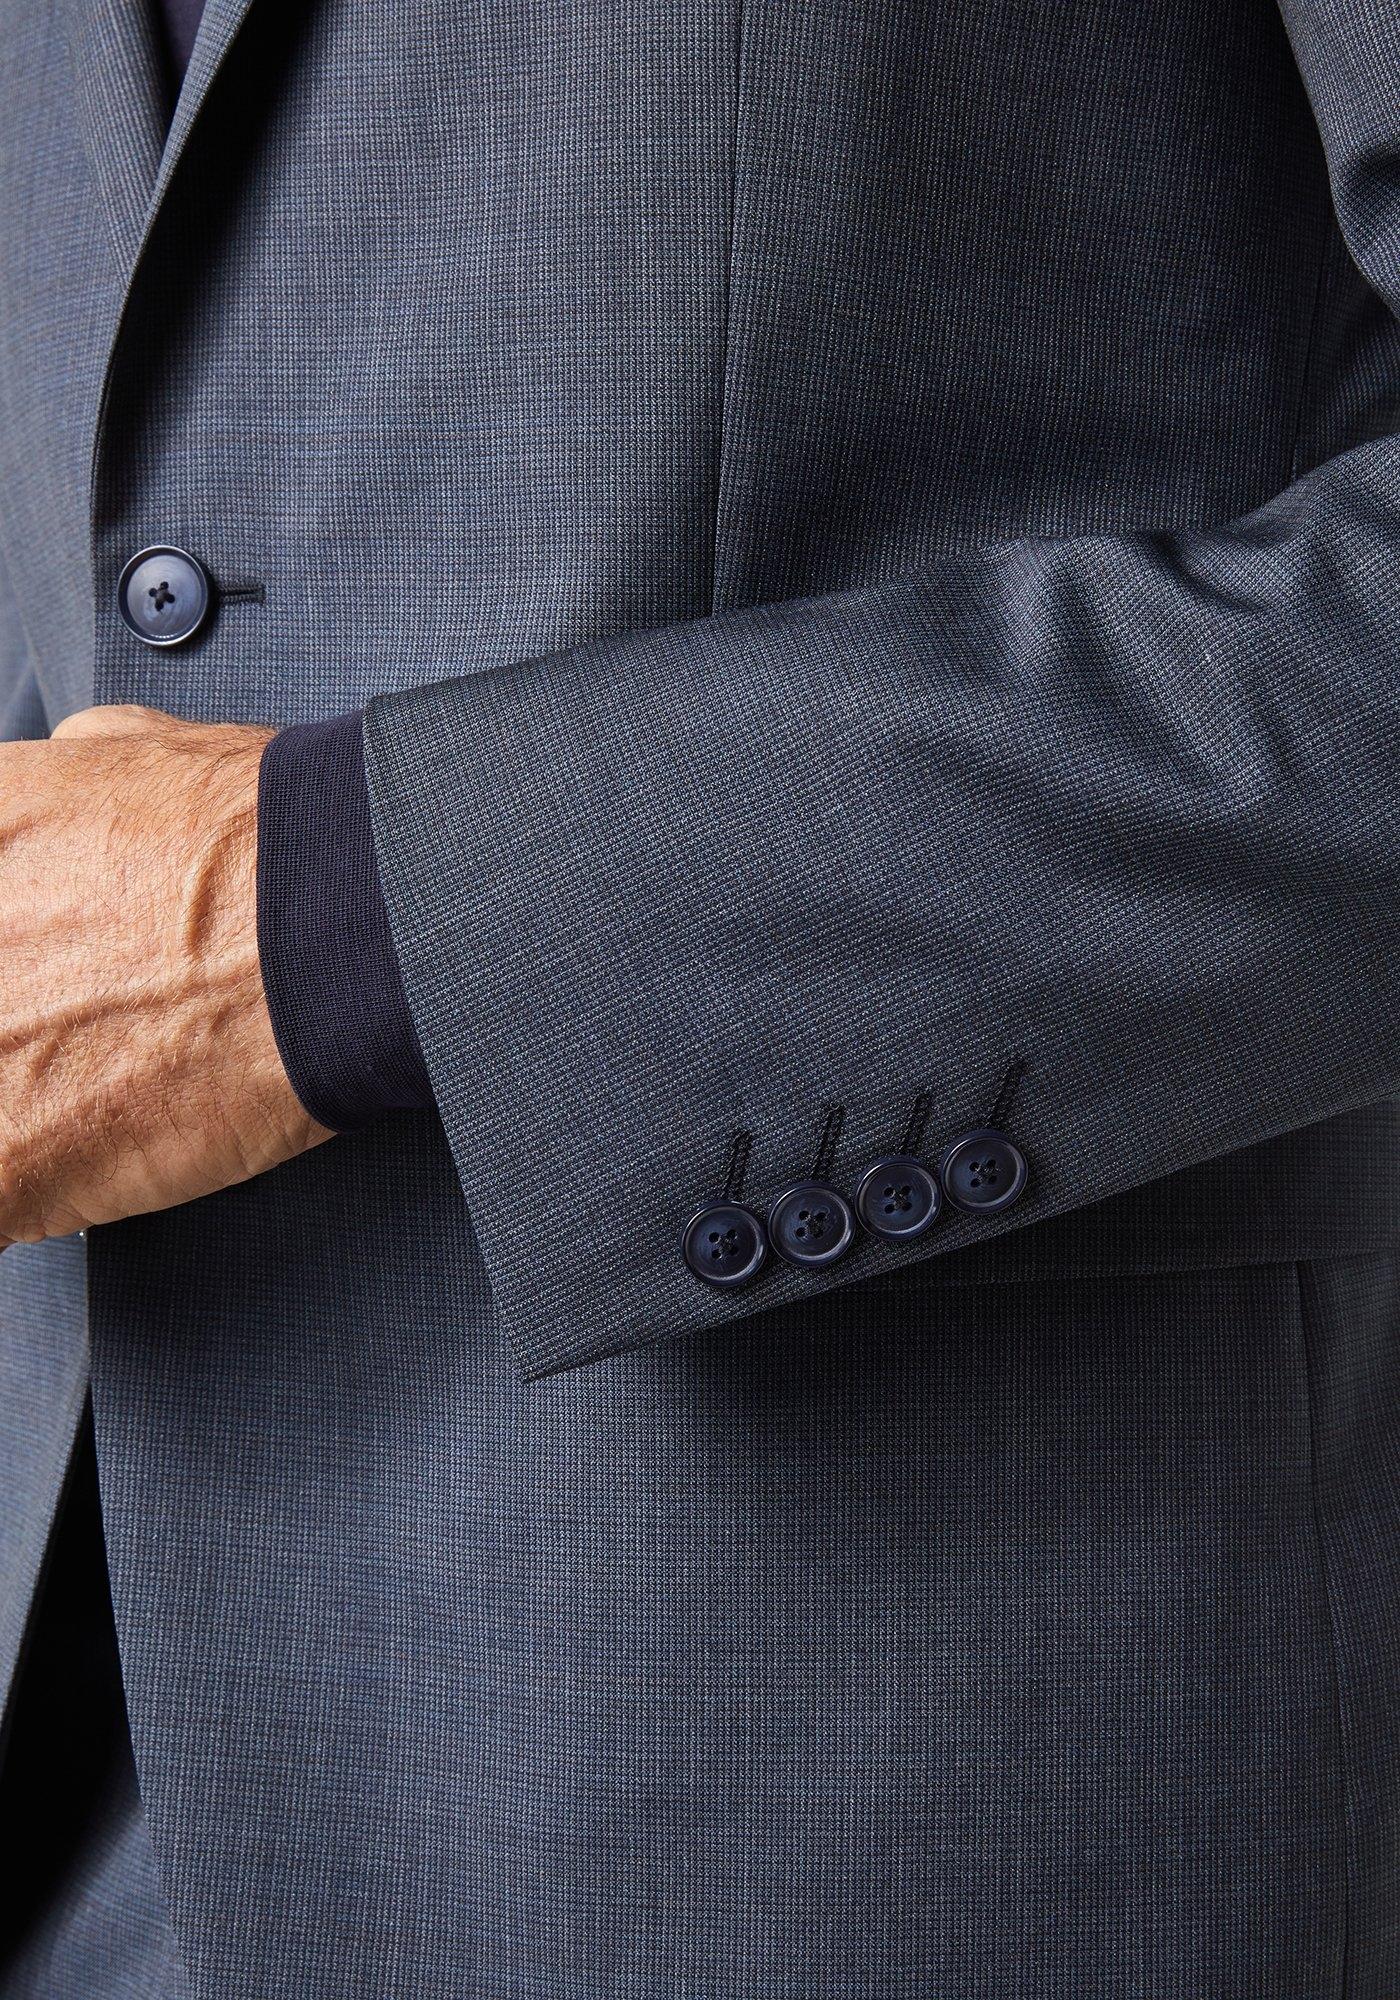 Pierre Cardin Kostuum met klein patroon - slim fit »Bernar Ryan« voordelig en veilig online kopen